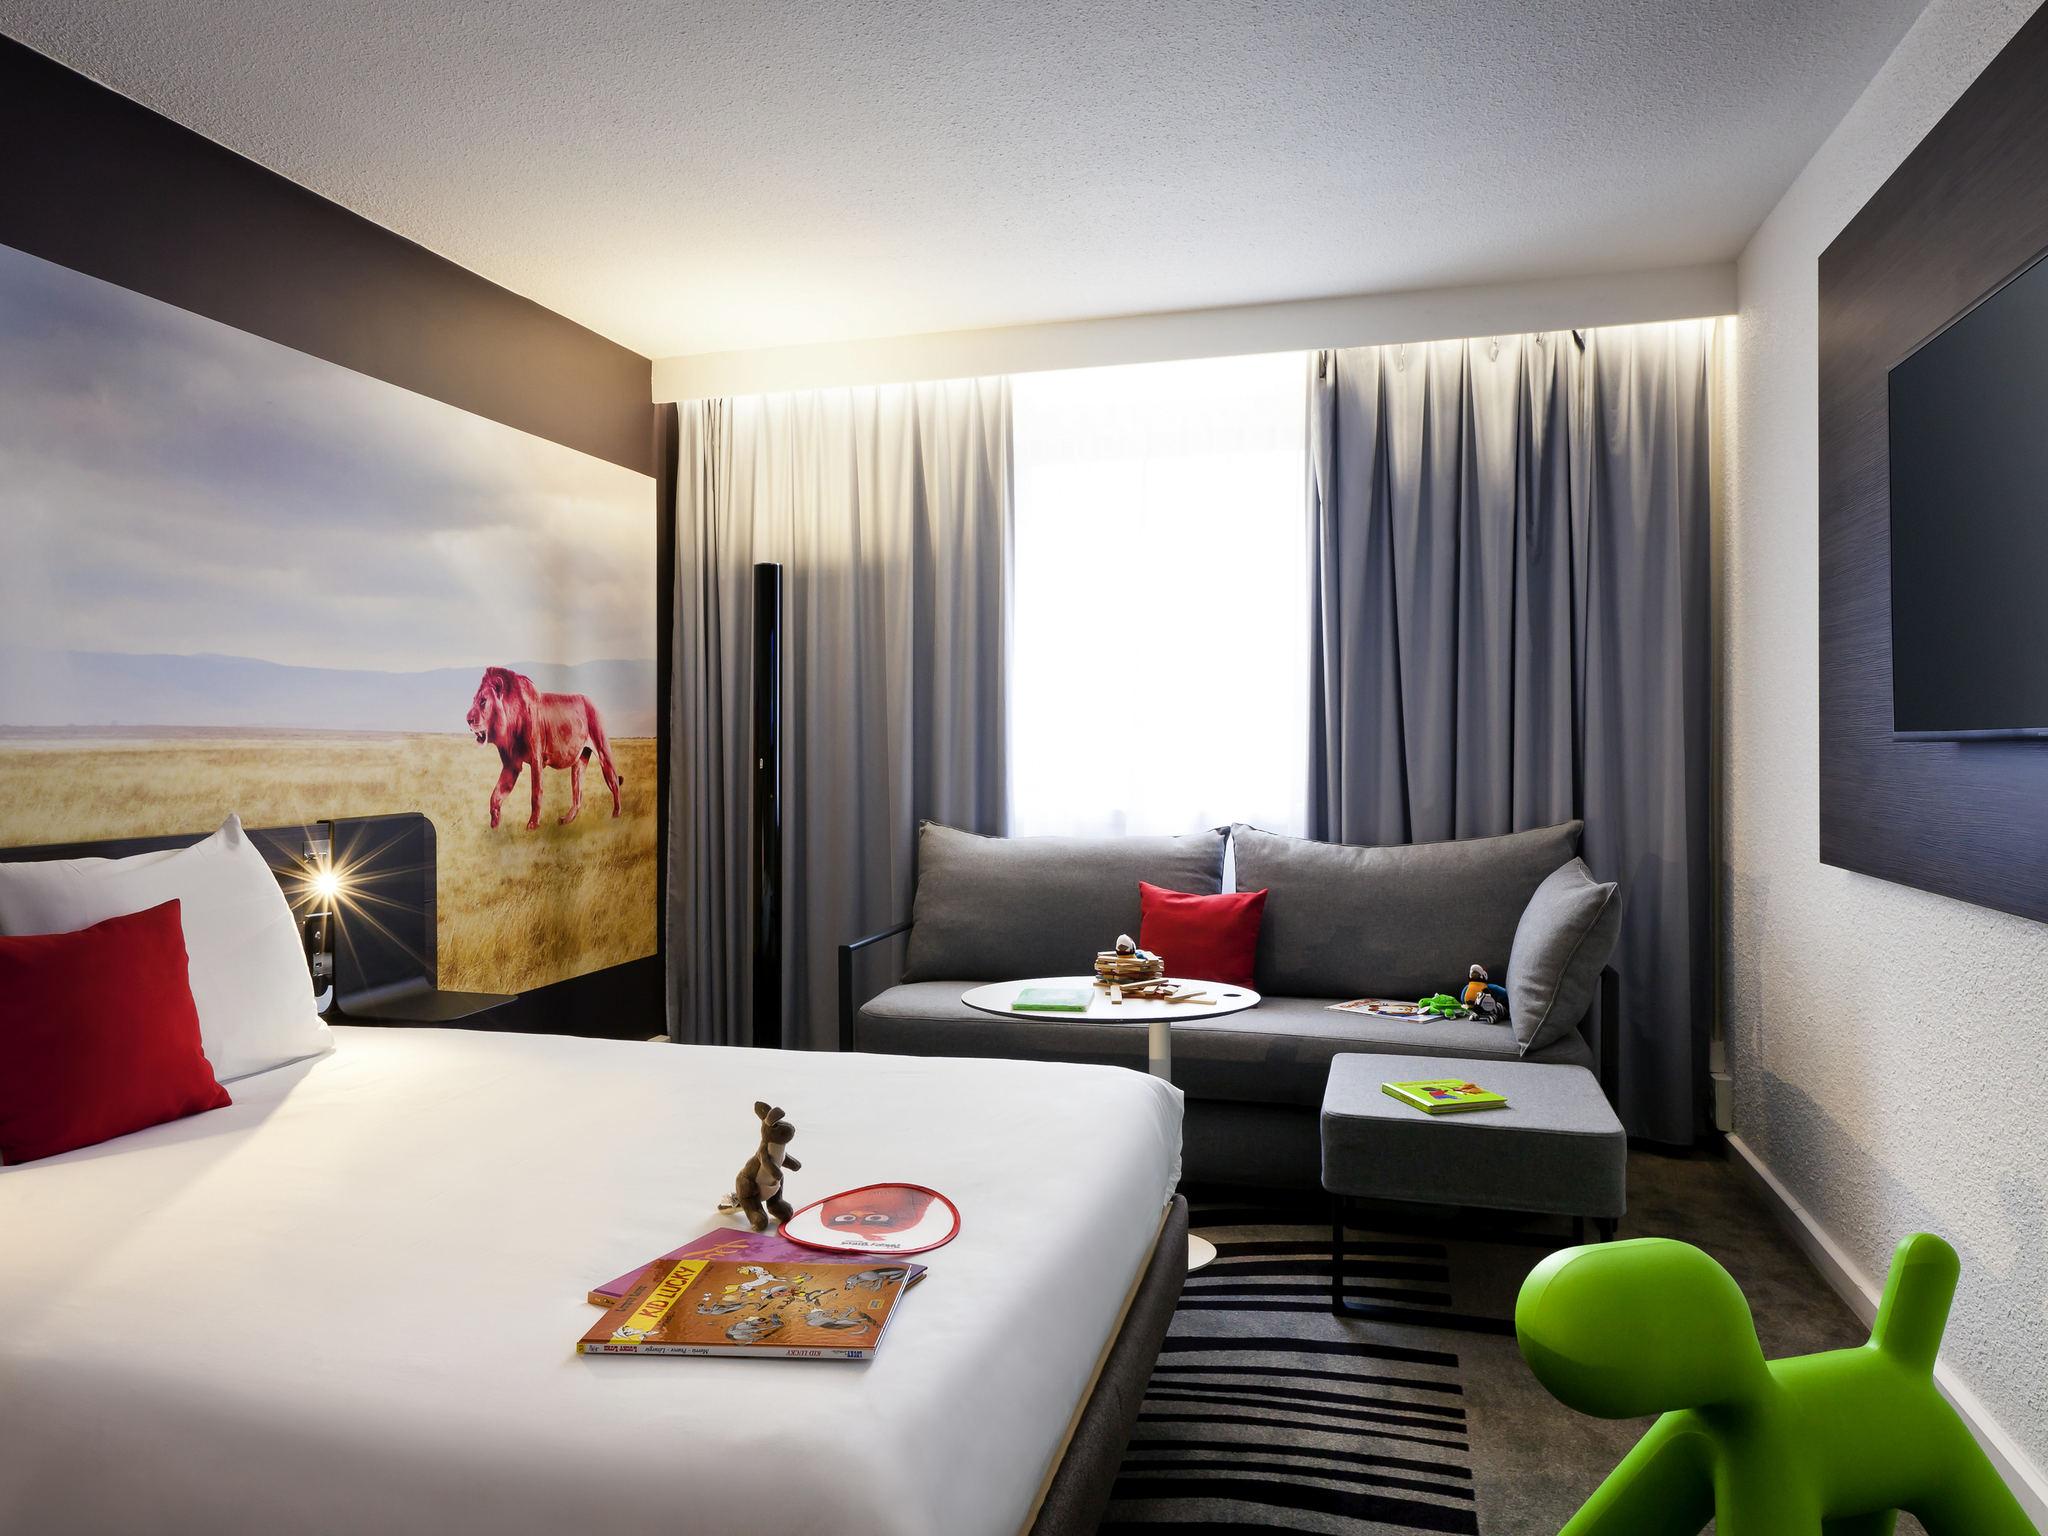 Hotel - Novotel Lyon Gerland Musée des Confluences